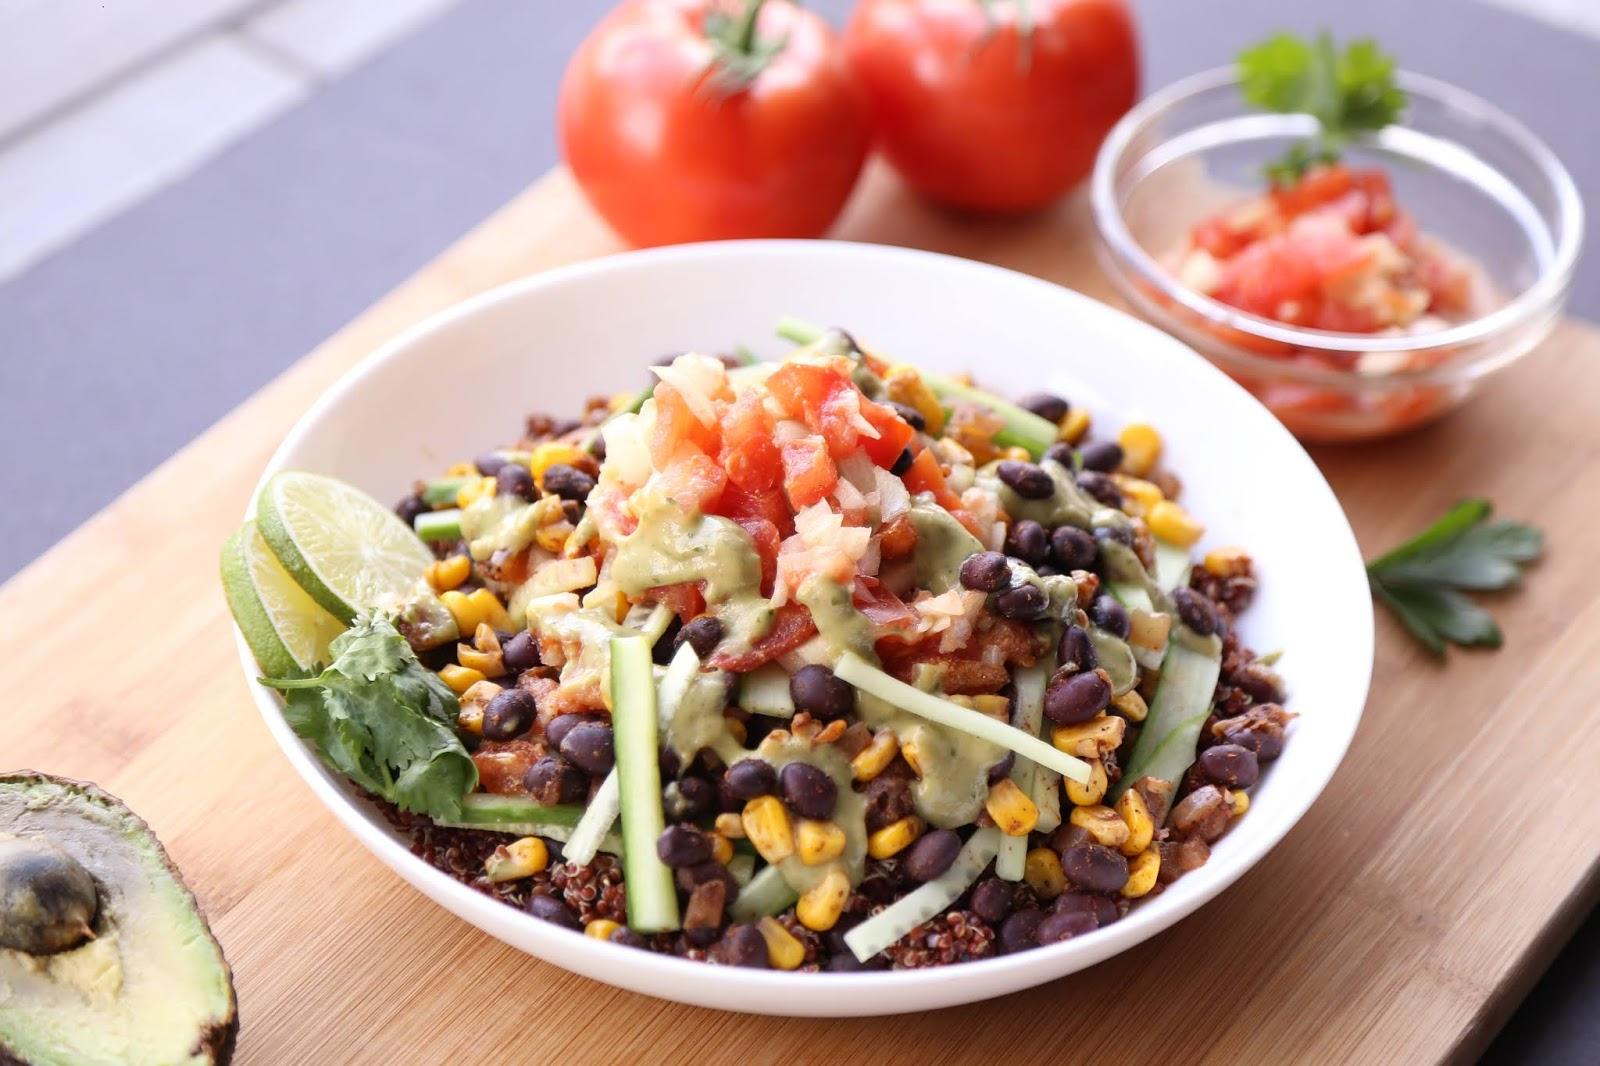 Veganismo ou vegetarianismo: 8 alimentos ricos em proteína para substituir a carne